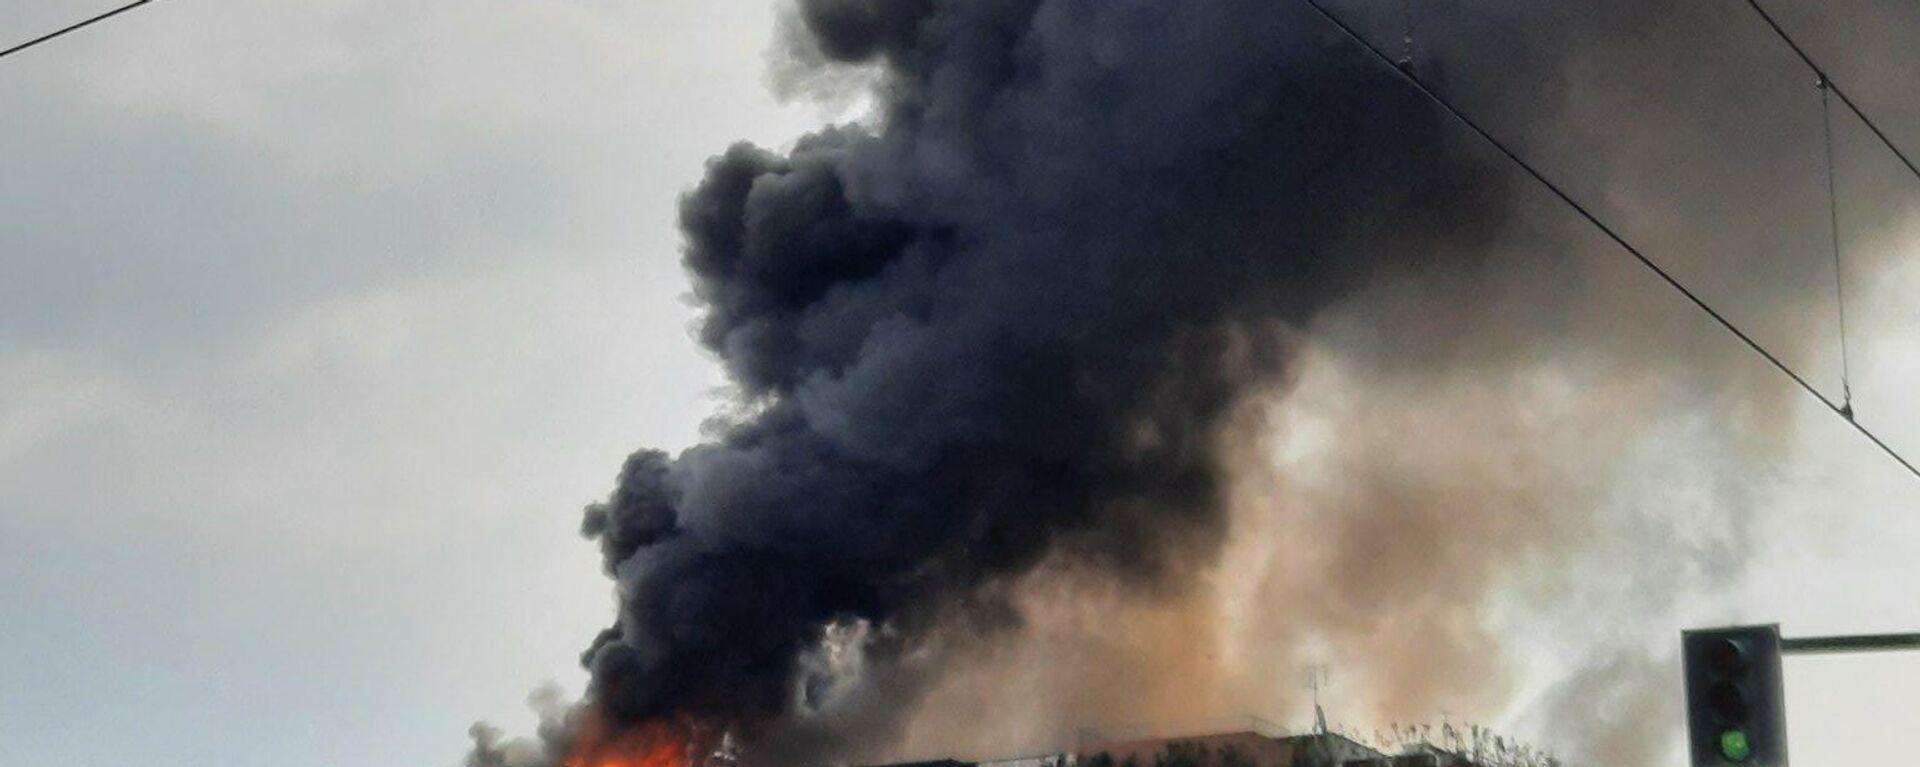 Ιταλία: Πυρκαγιά σε πολυκατοικία στο κέντρο του Τορίνο - Sputnik Ελλάδα, 1920, 03.09.2021